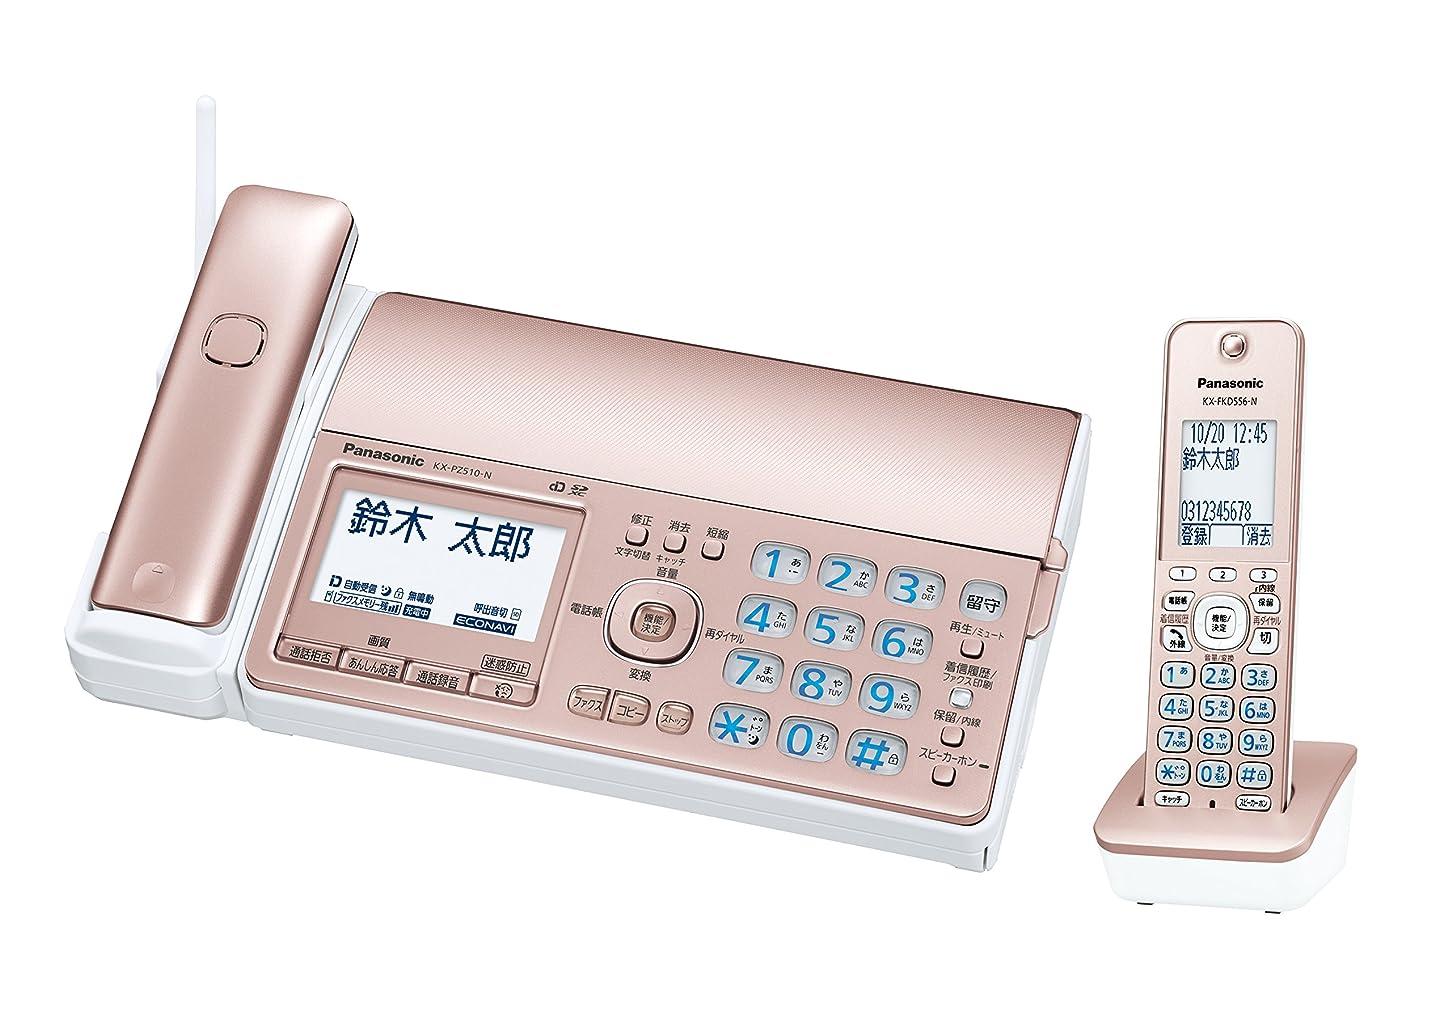 辞任グローバルインセンティブパナソニック おたっくす デジタルコードレスFAX 子機1台付き 迷惑電話対策機能搭載 ピンクゴールド KX-PZ510DL-N